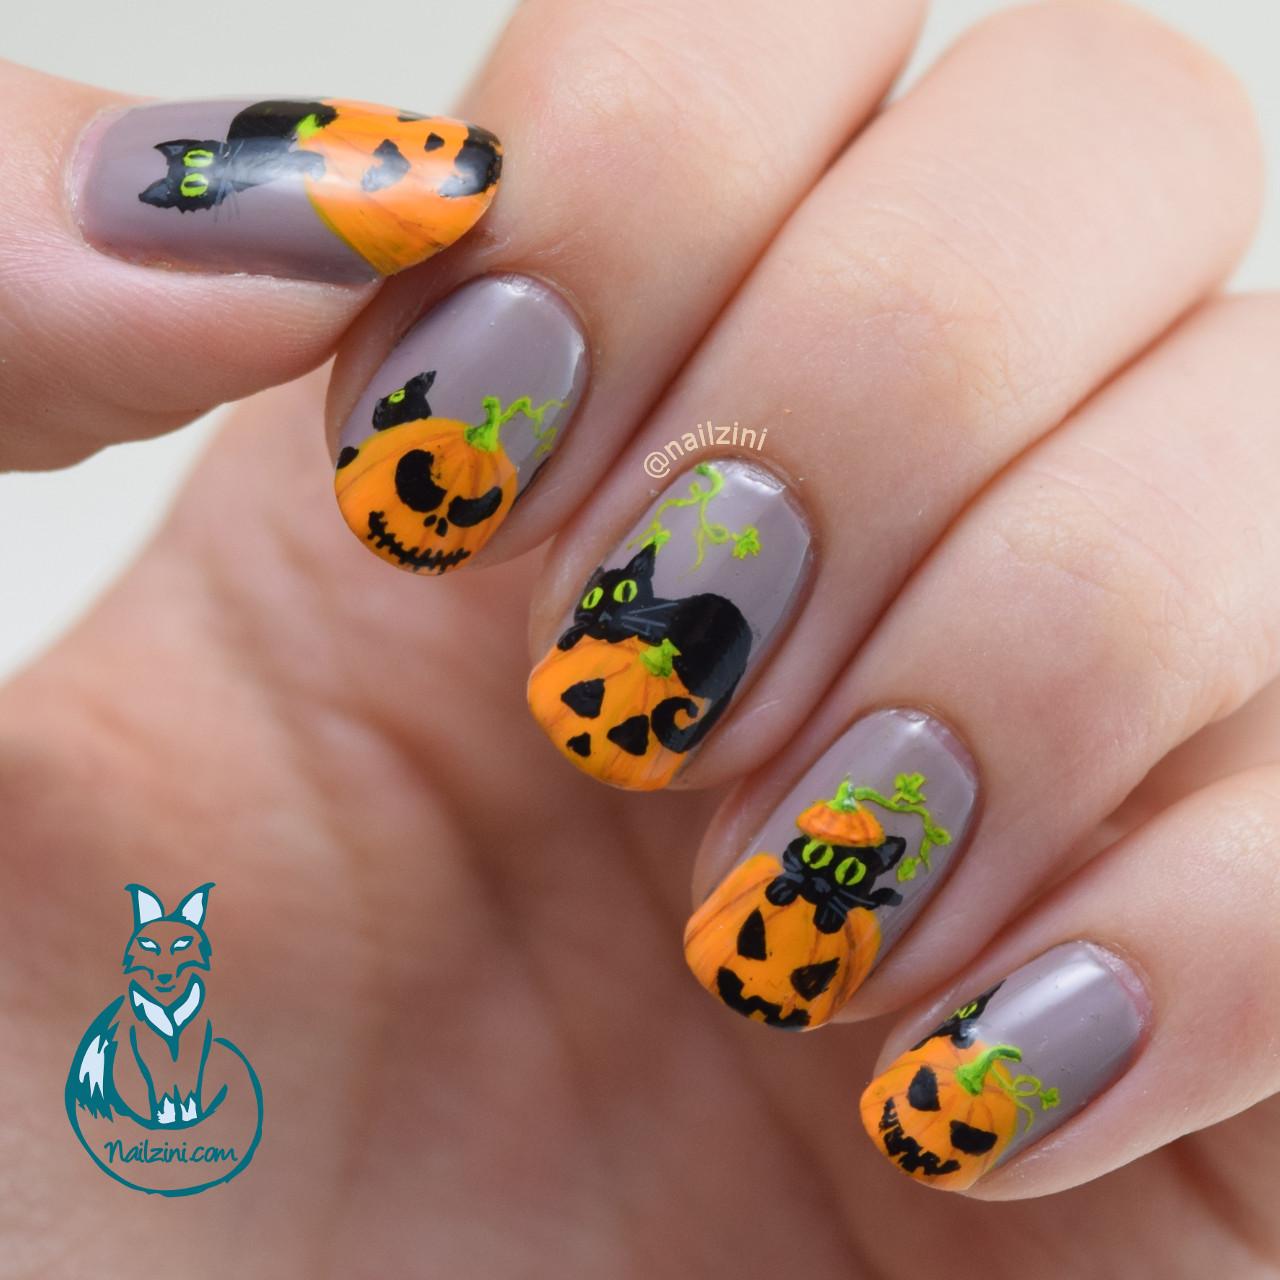 Black Cats and Pumpkins Nail Art | Nailzini: A Nail Art Blog